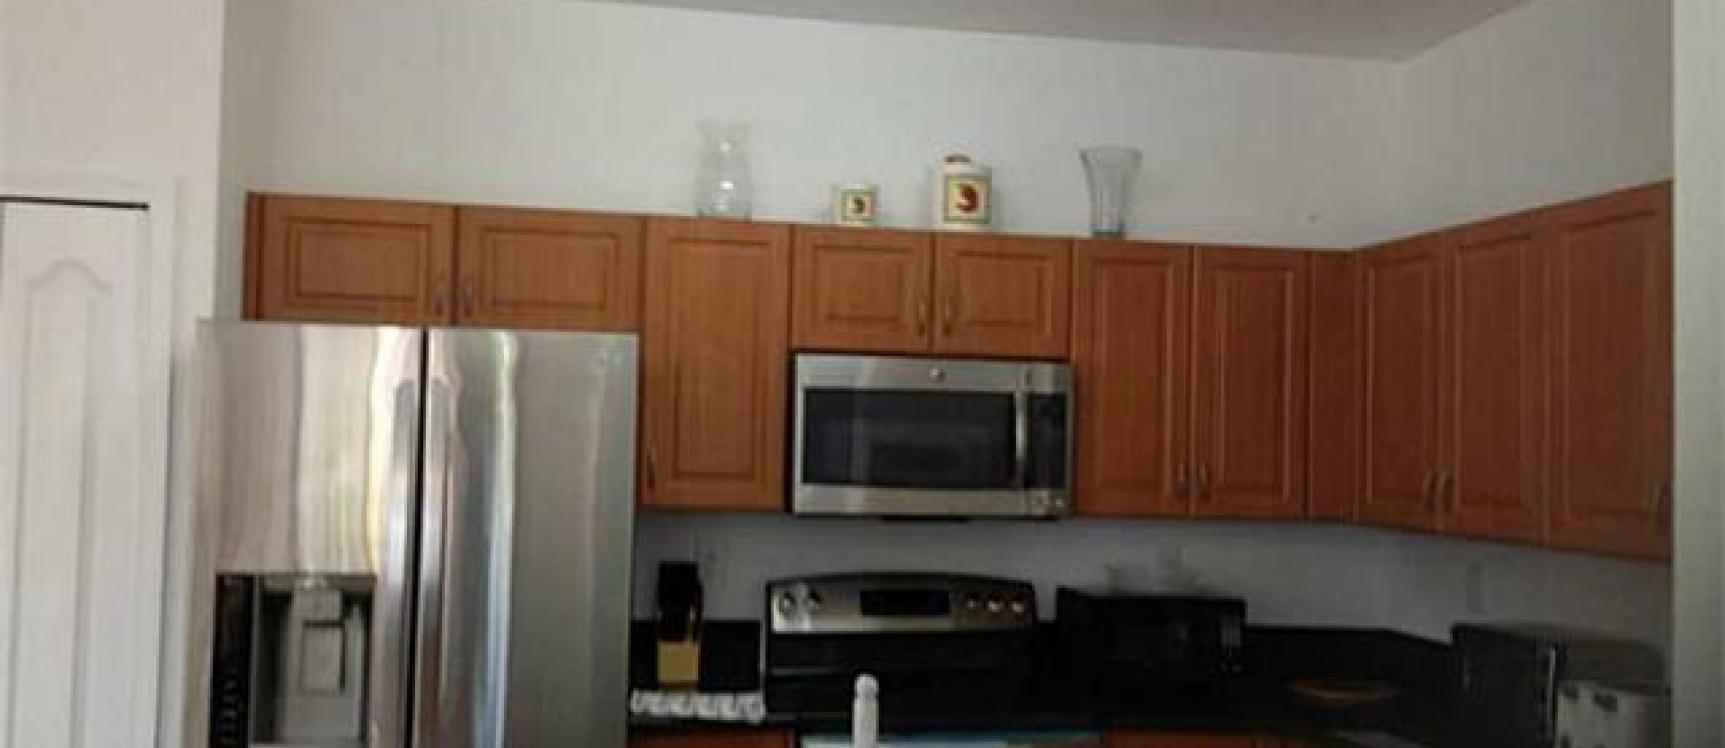 GeoBienes - Venta en Miami: Townhouse Doral- Florida - Plusvalia Guayaquil Casas de venta y alquiler Inmobiliaria Ecuador